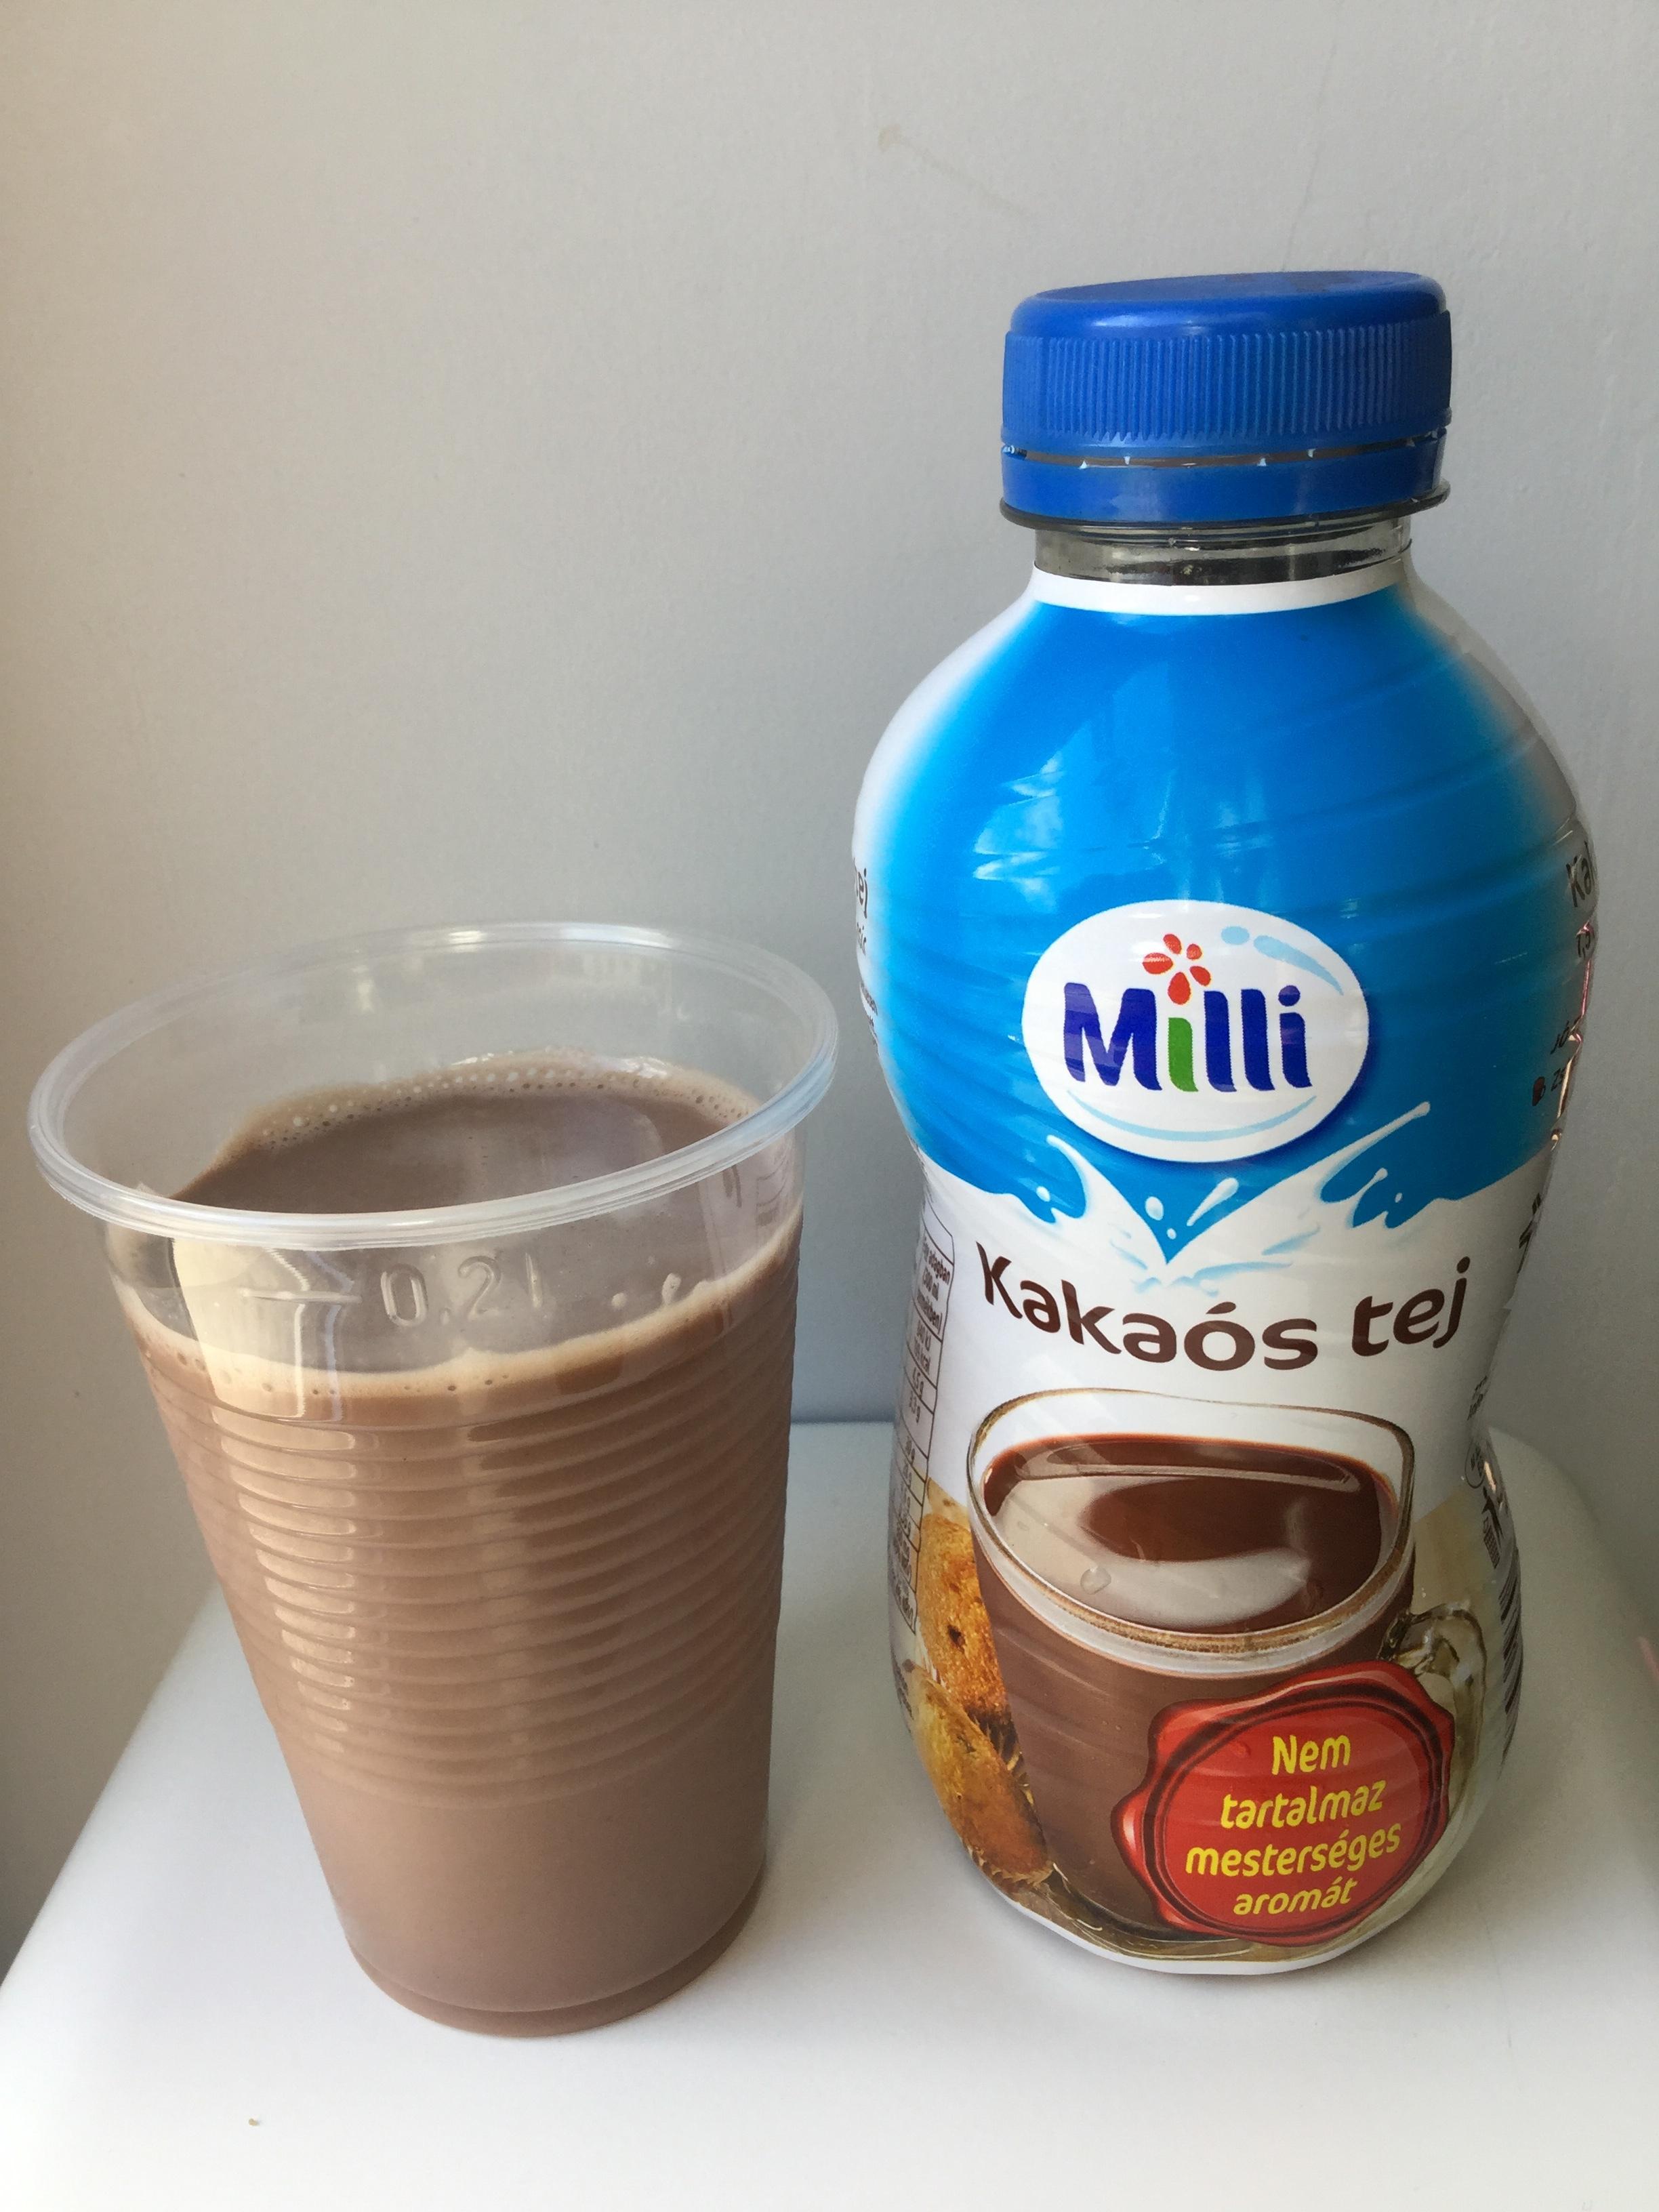 Milli Kakaos Tej Cup